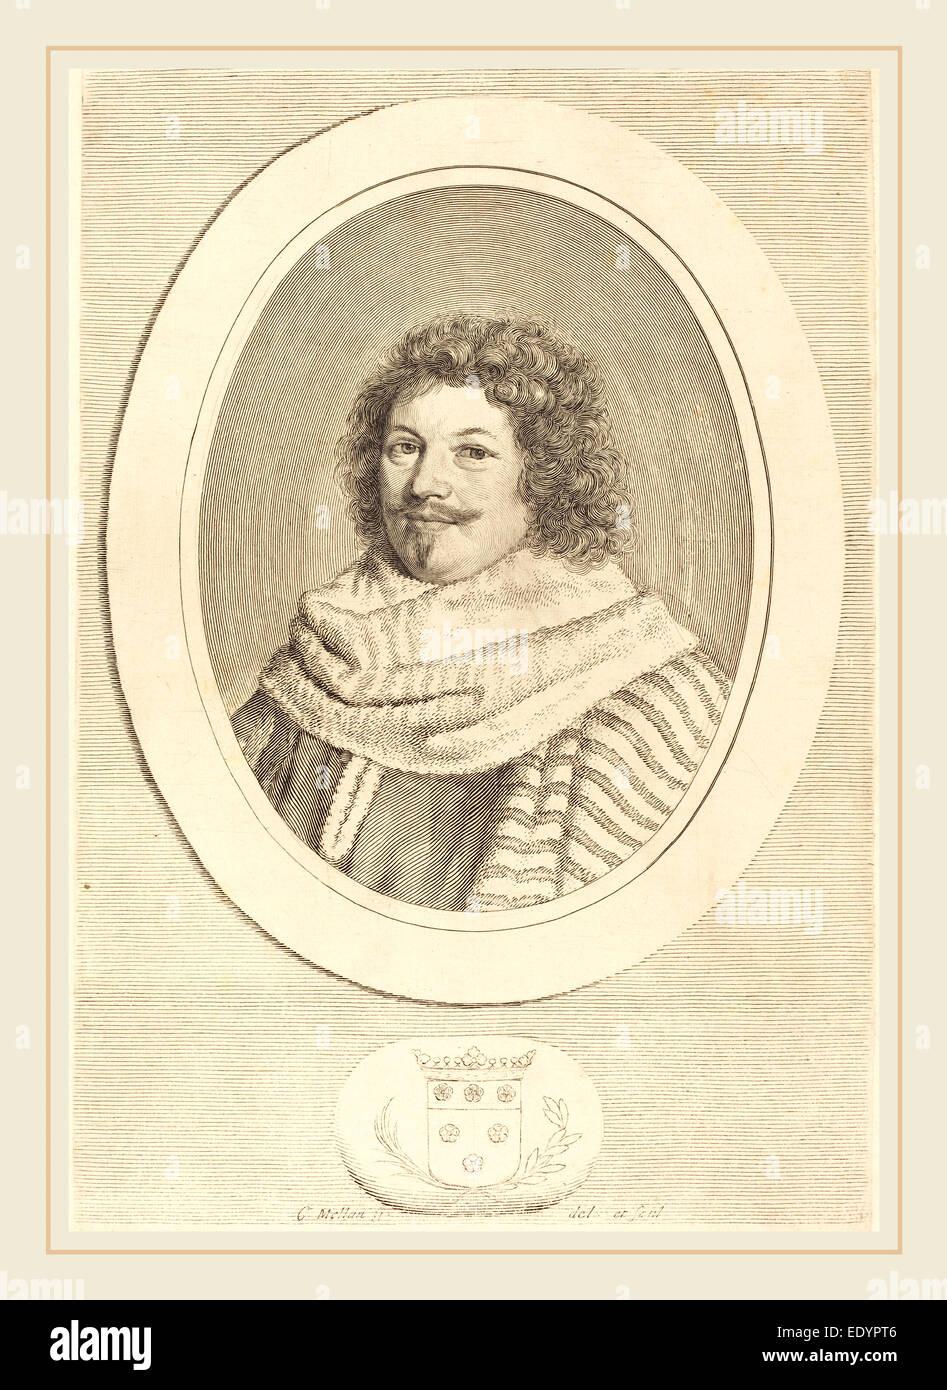 Claude Mellan, French (1598-1688), René de Longueil, engraving on laid paper Stock Photo